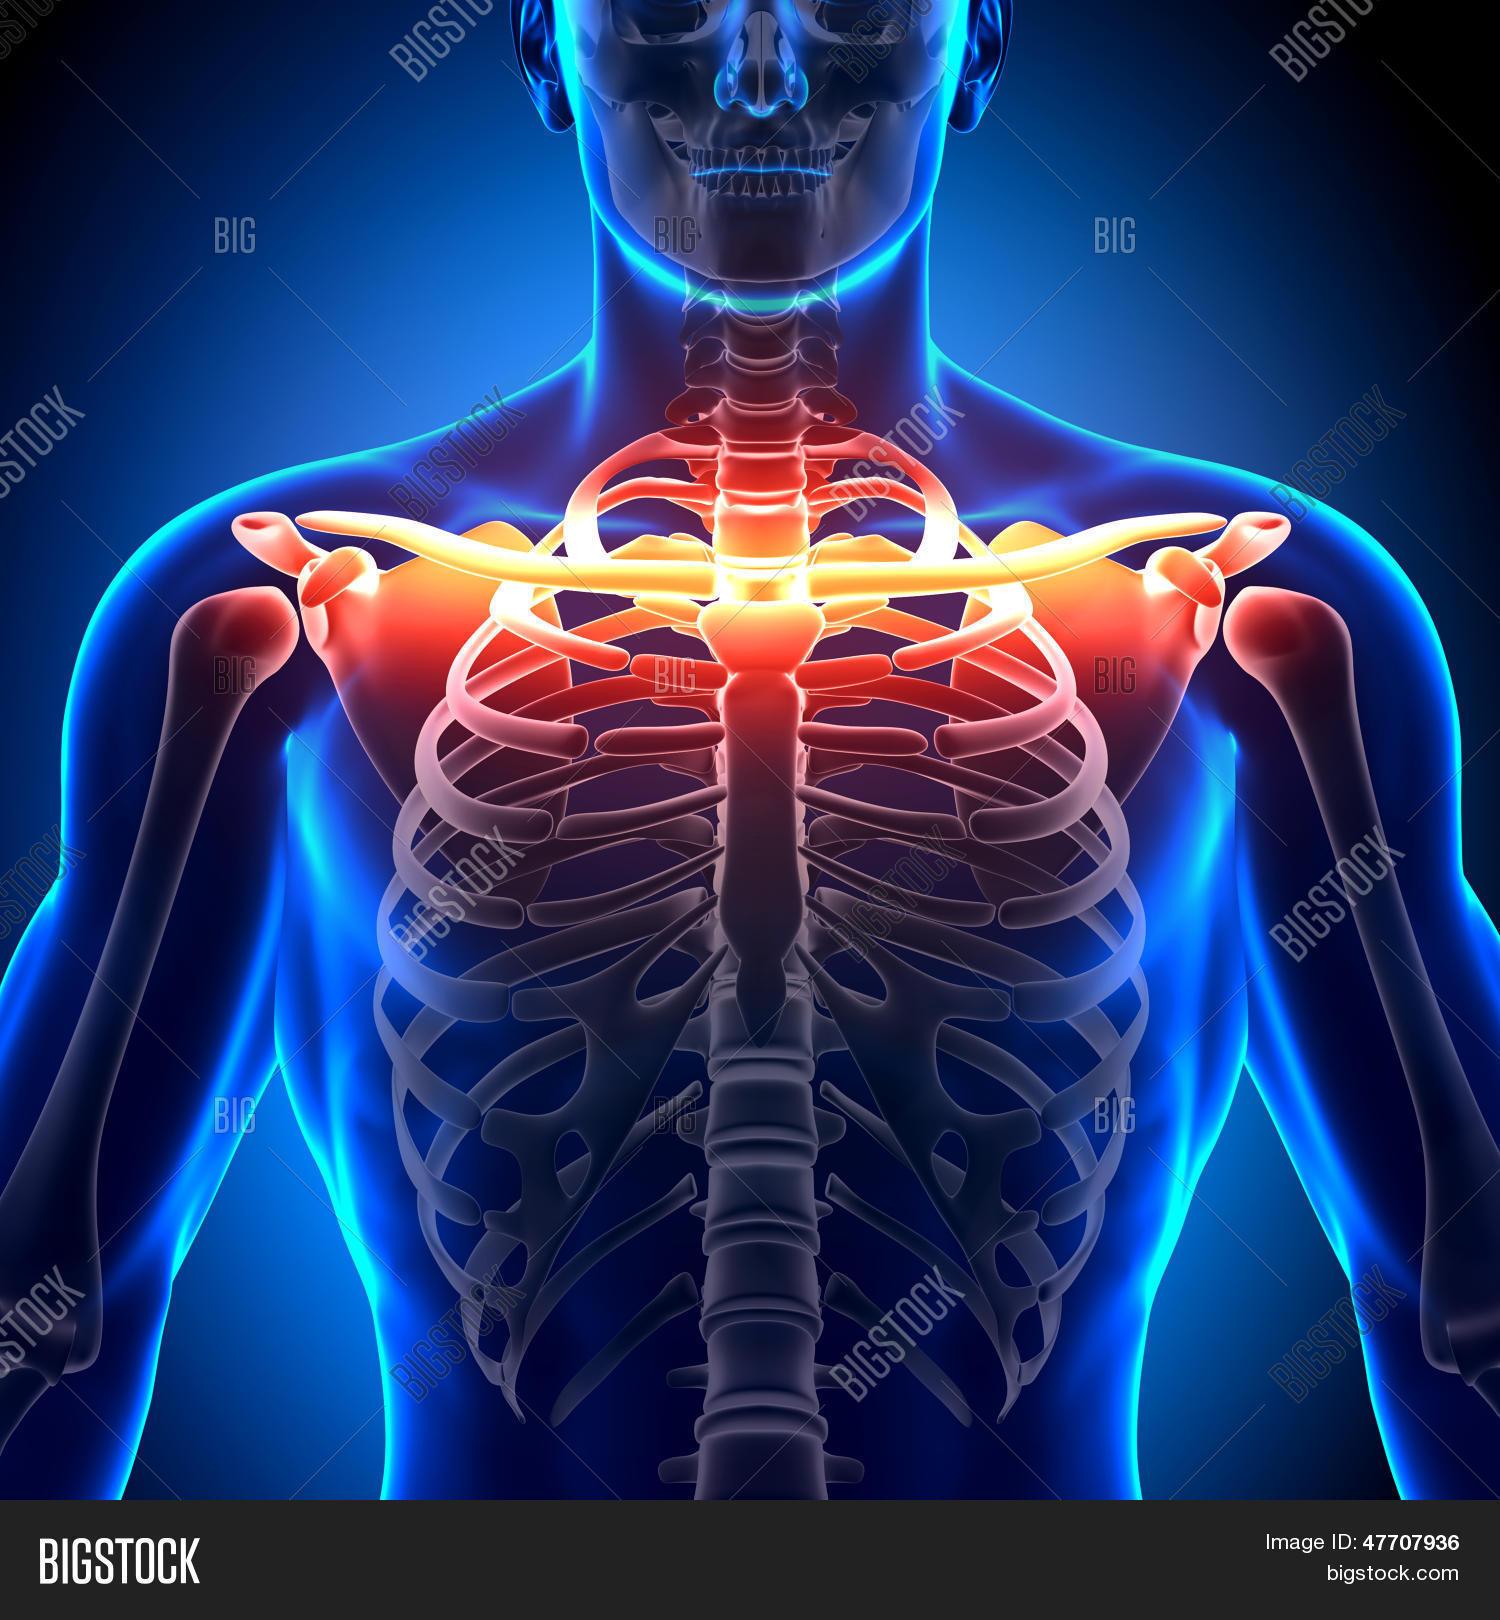 Imagen y foto Anatomí ósea De (prueba gratis) | Bigstock